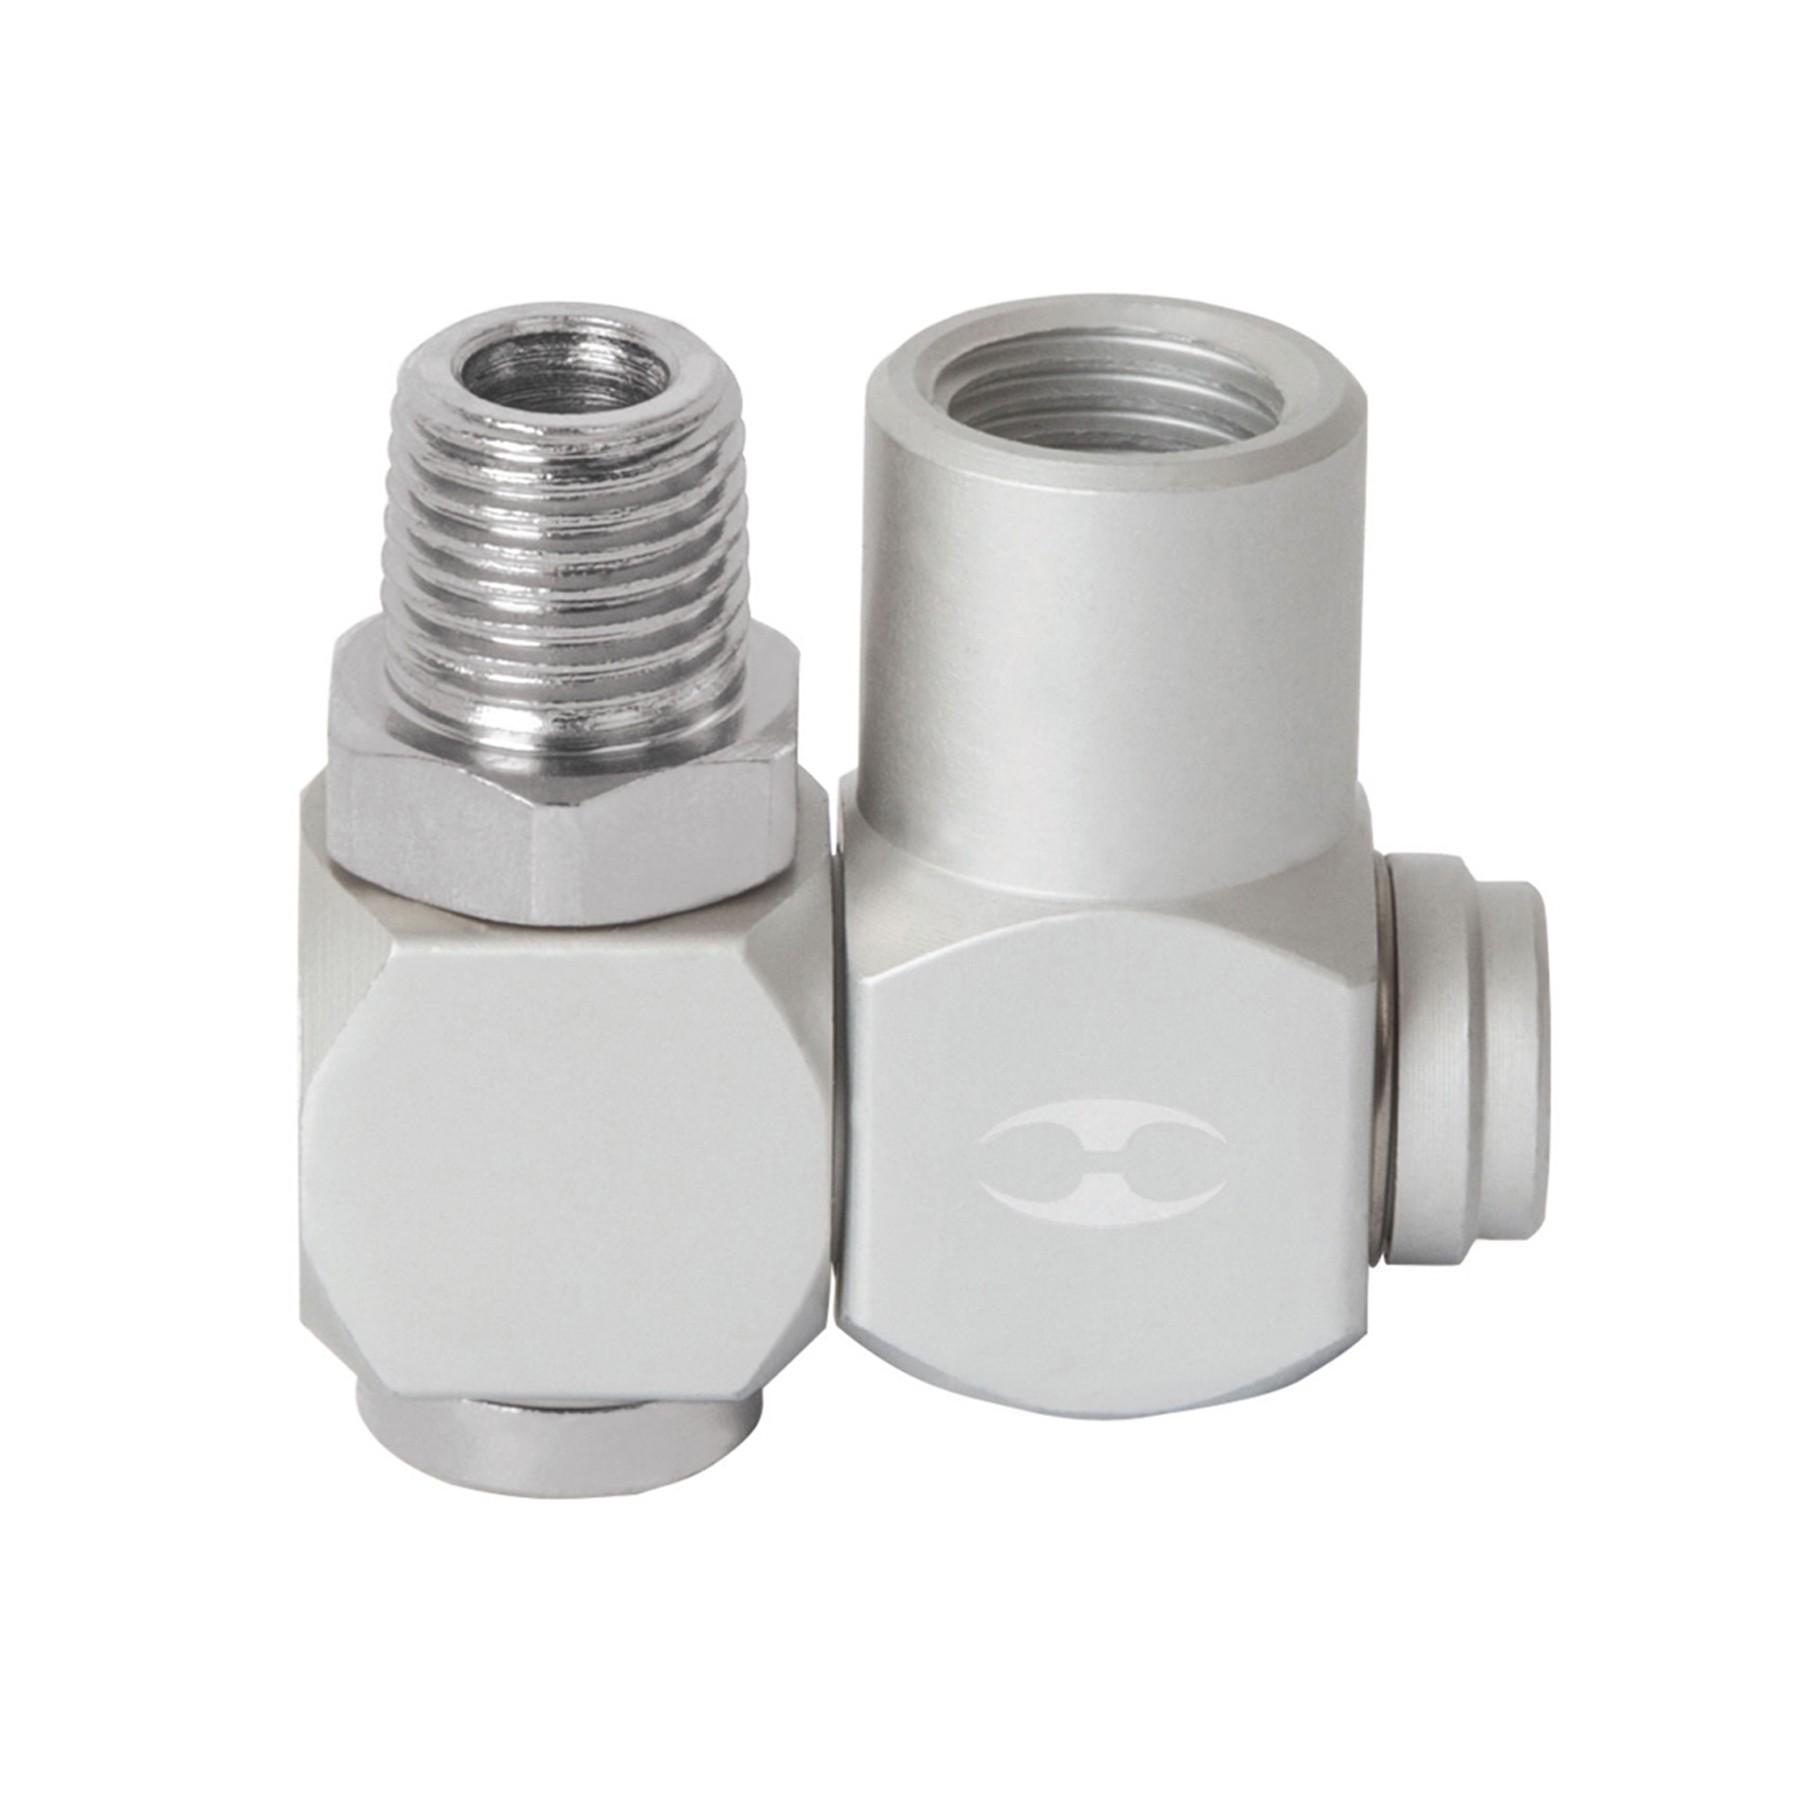 Destorcedor de aluminio, cuerda 1/4 NPT